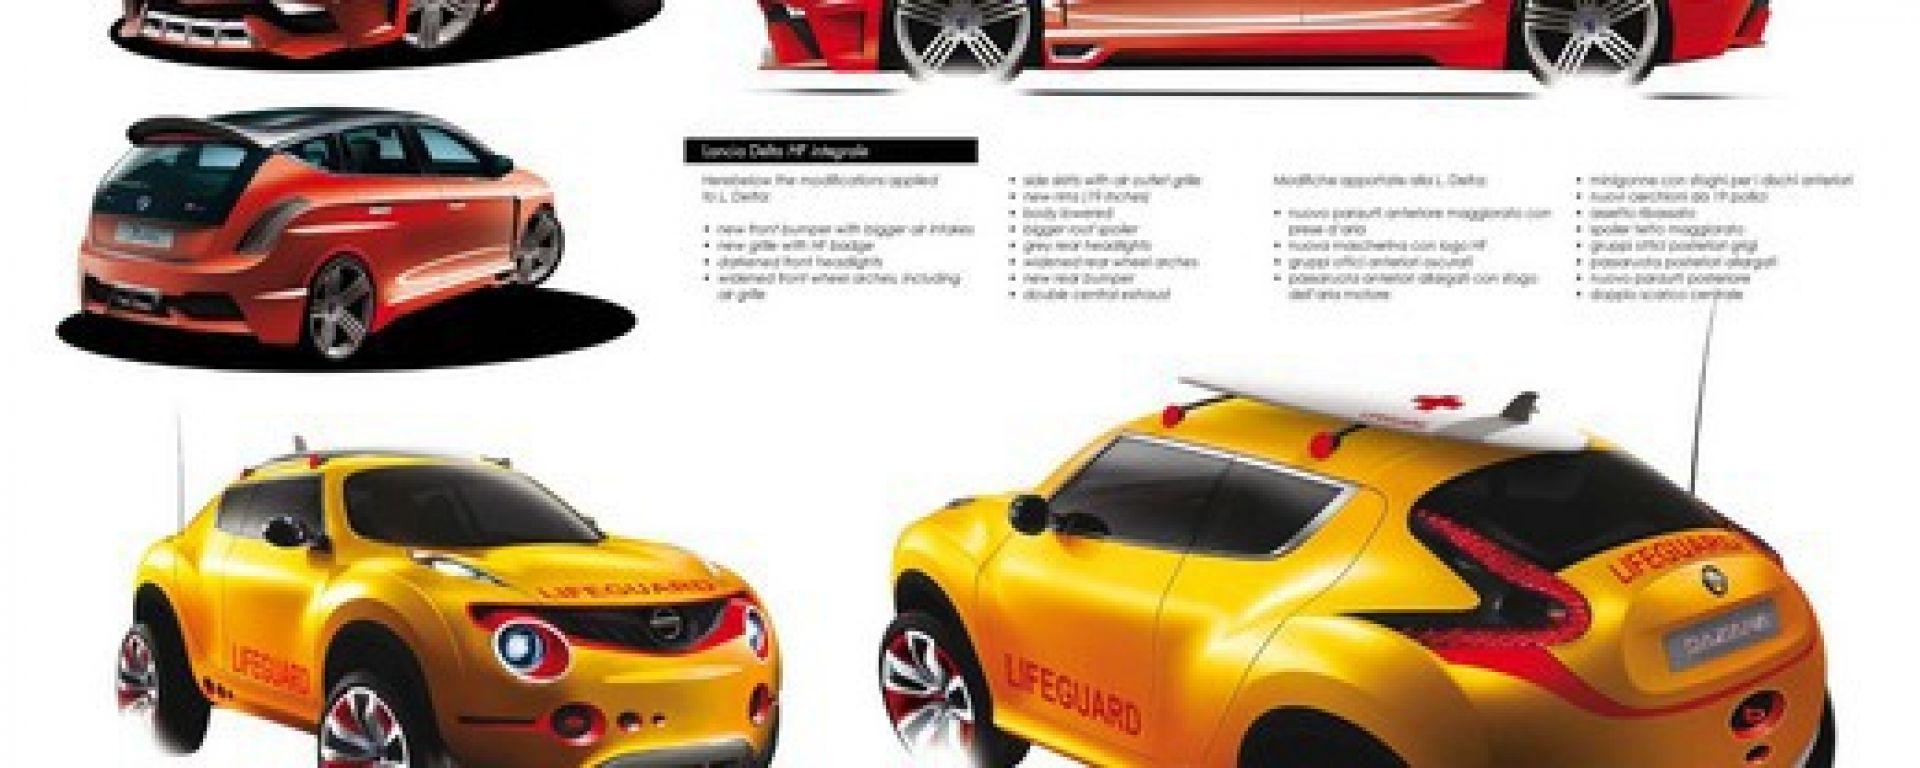 Le auto di oggi viste dai designer di domani